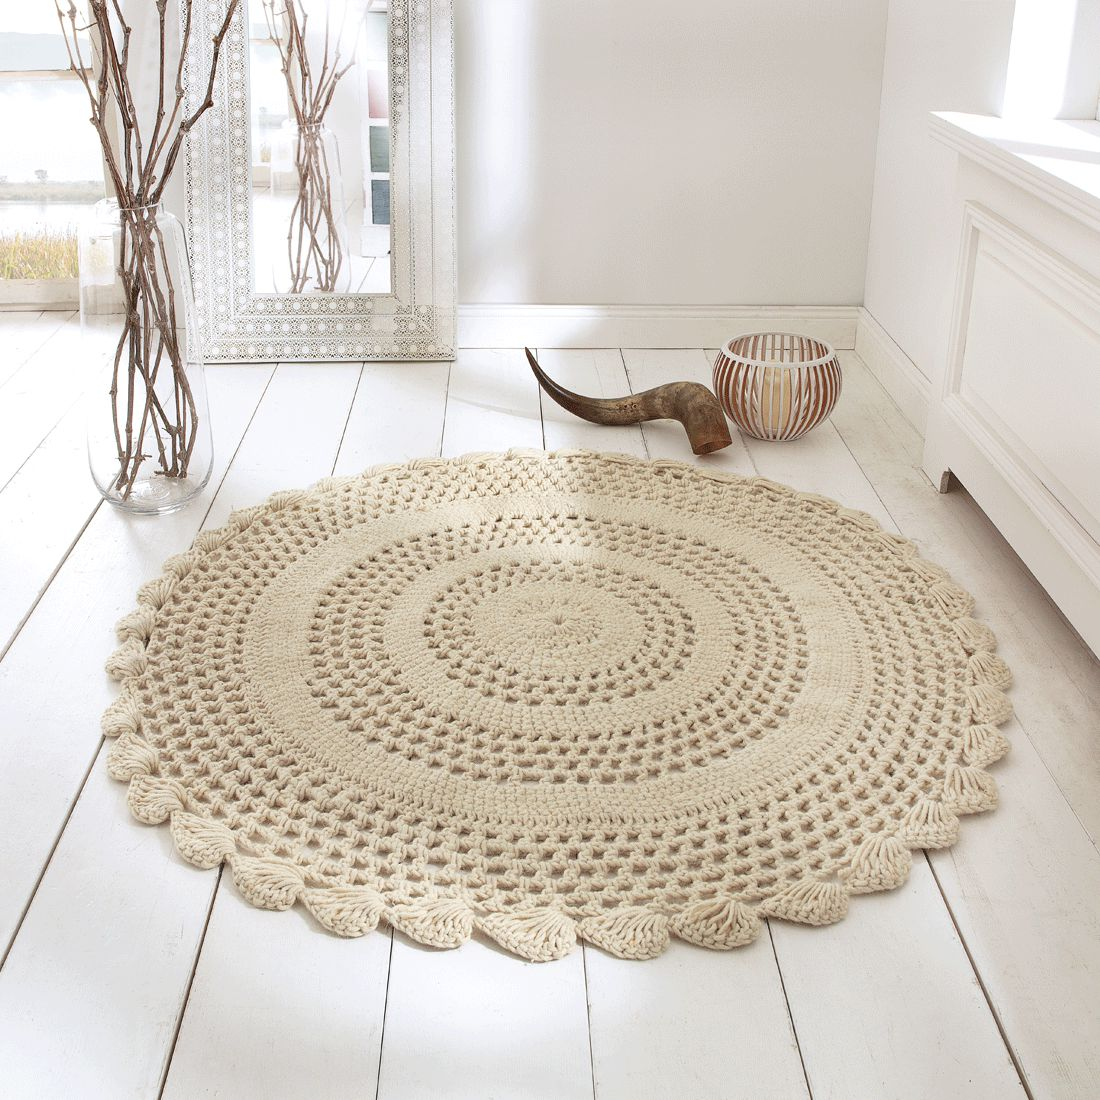 Teppich Liesel 120 cm Ø – Wolle – Weiß, PureDay bestellen